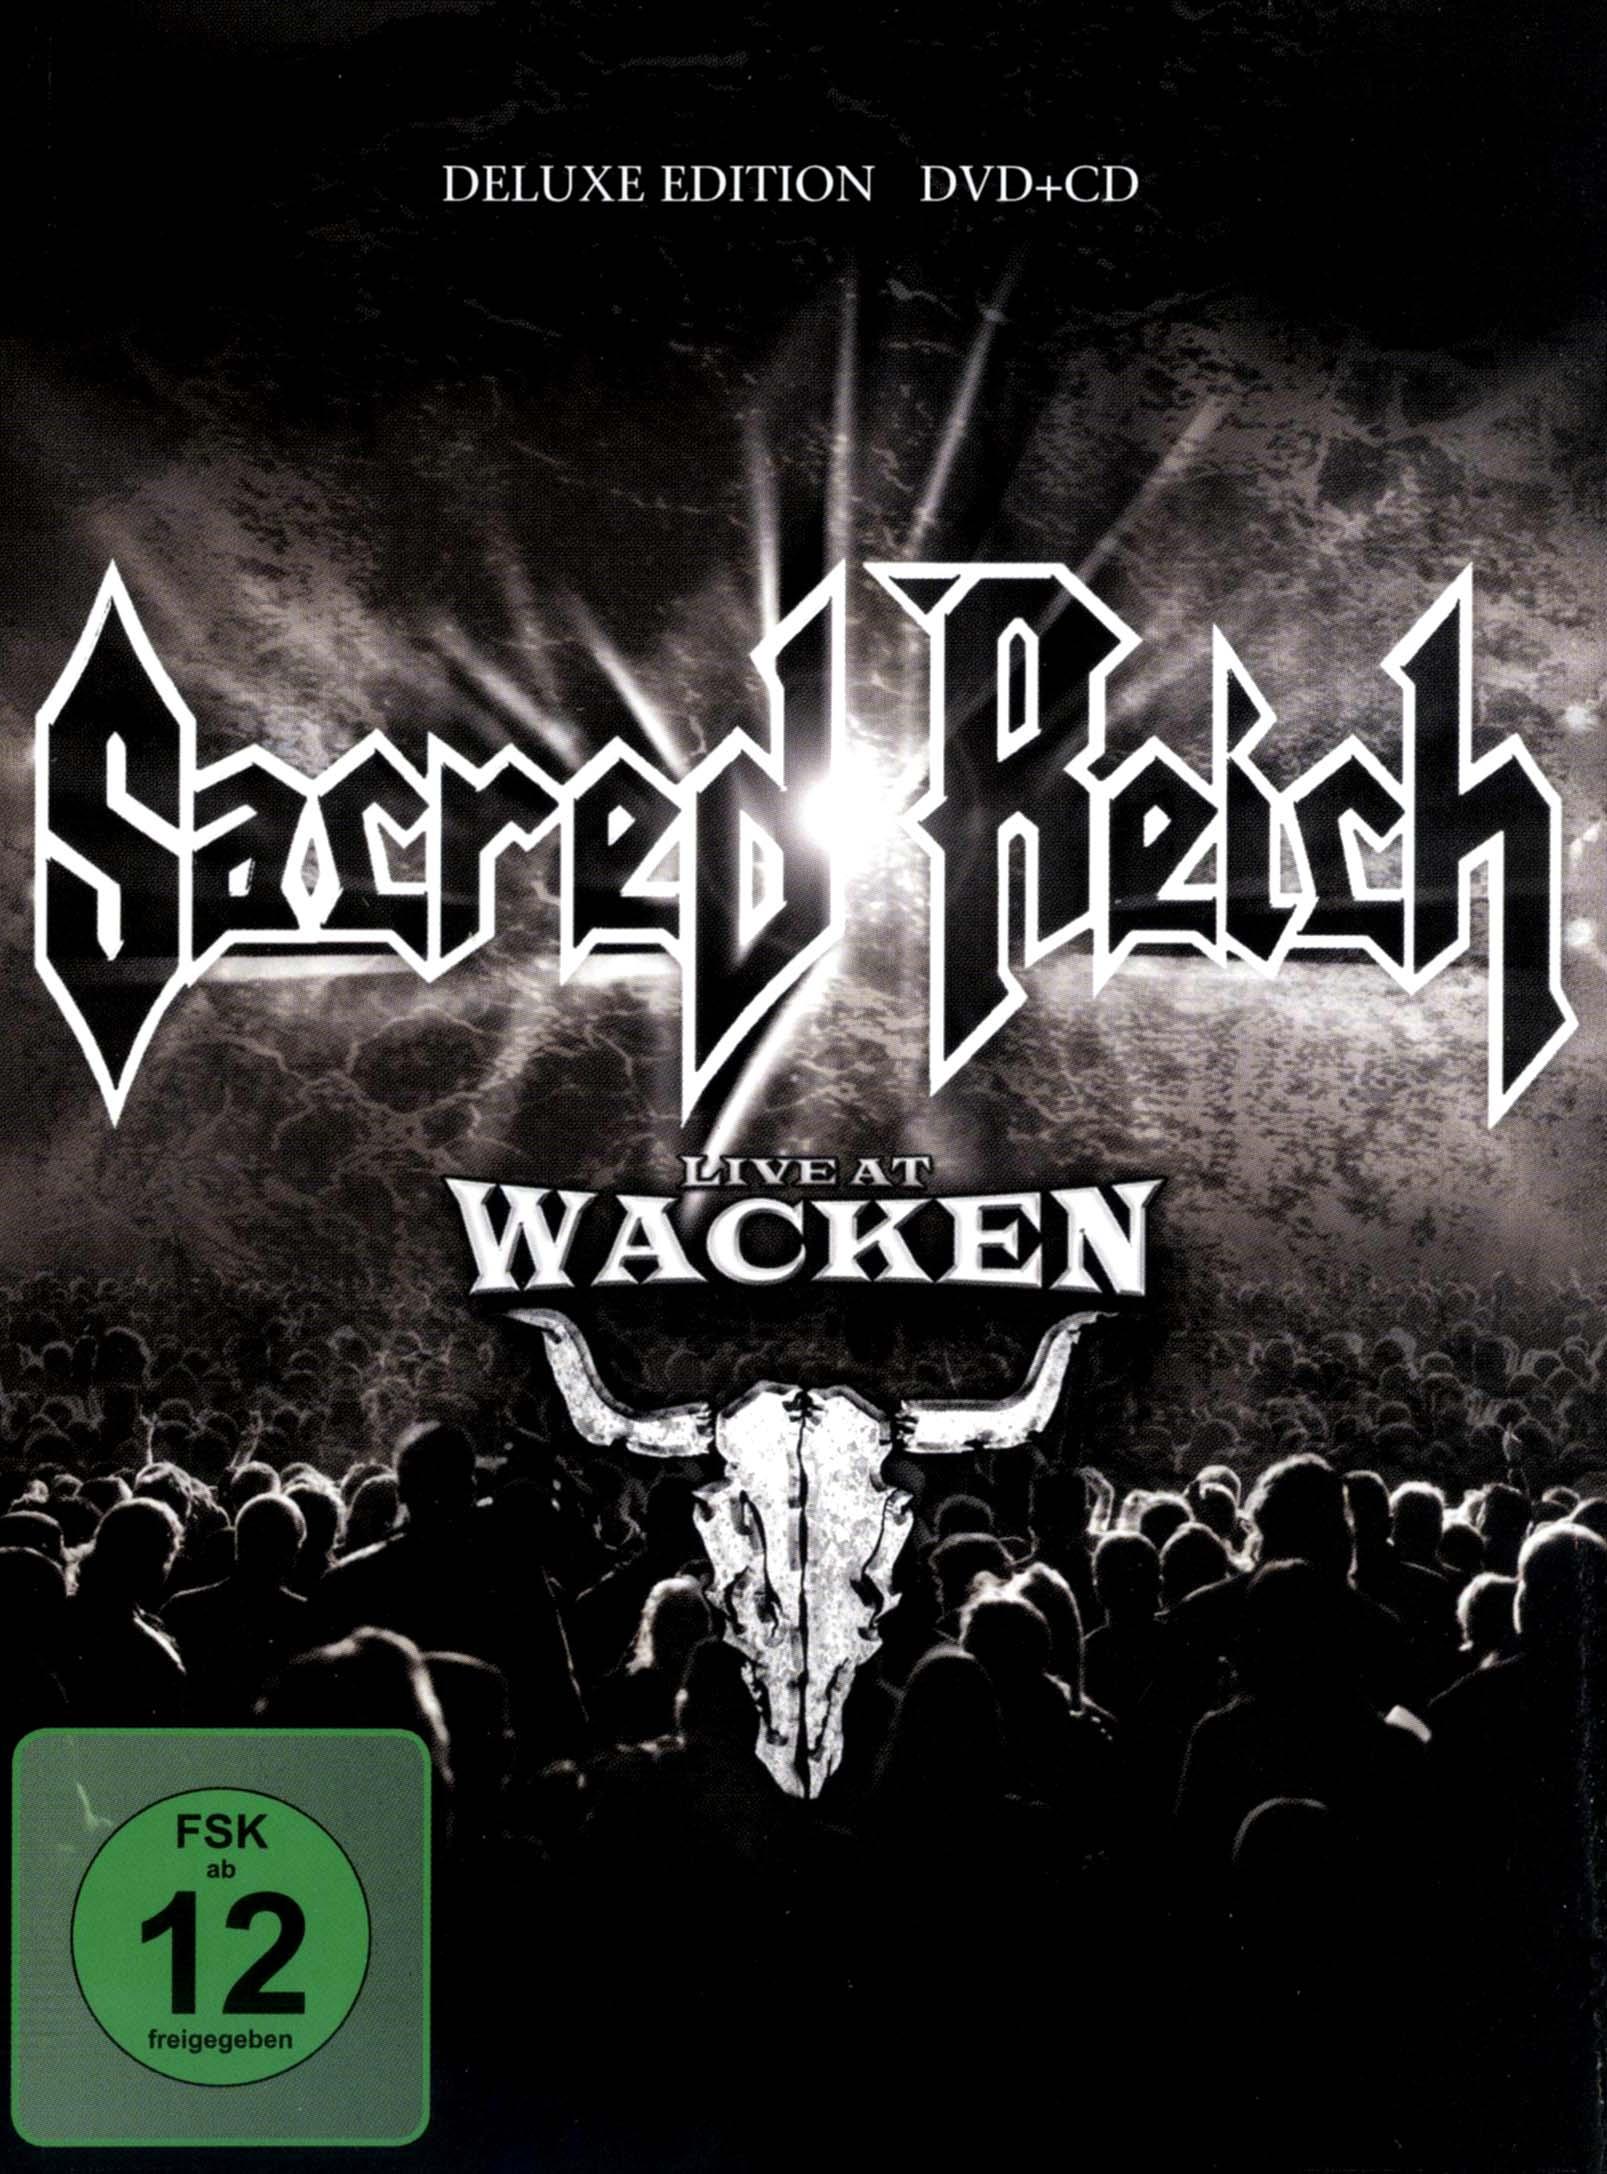 Sacred Reich: Live at Wacken